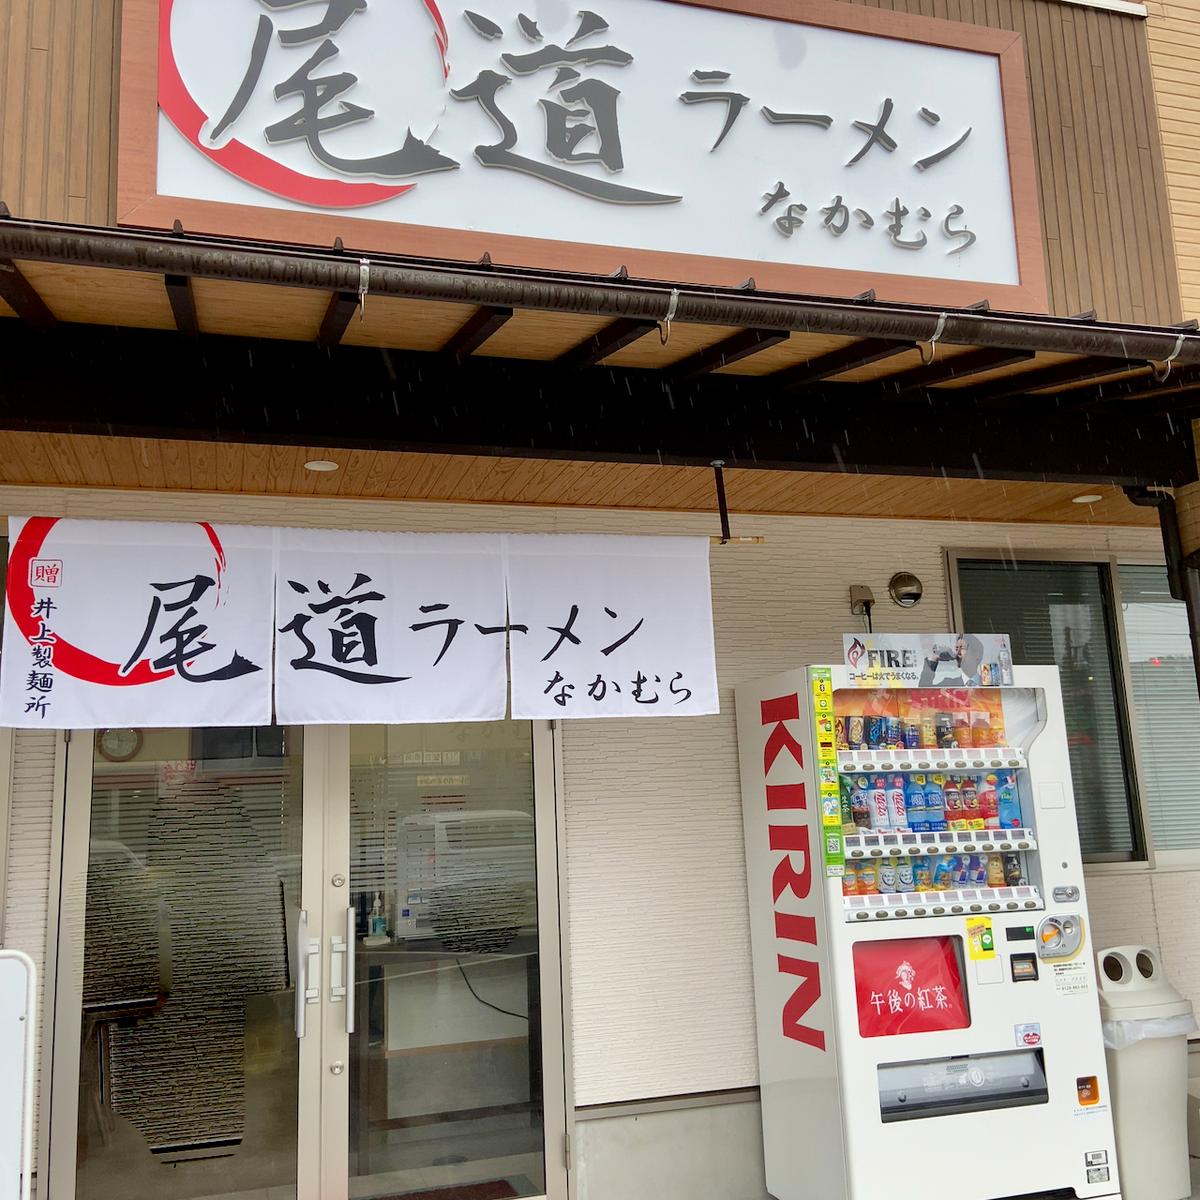 f:id:unkosuzou:20201027164052p:plain